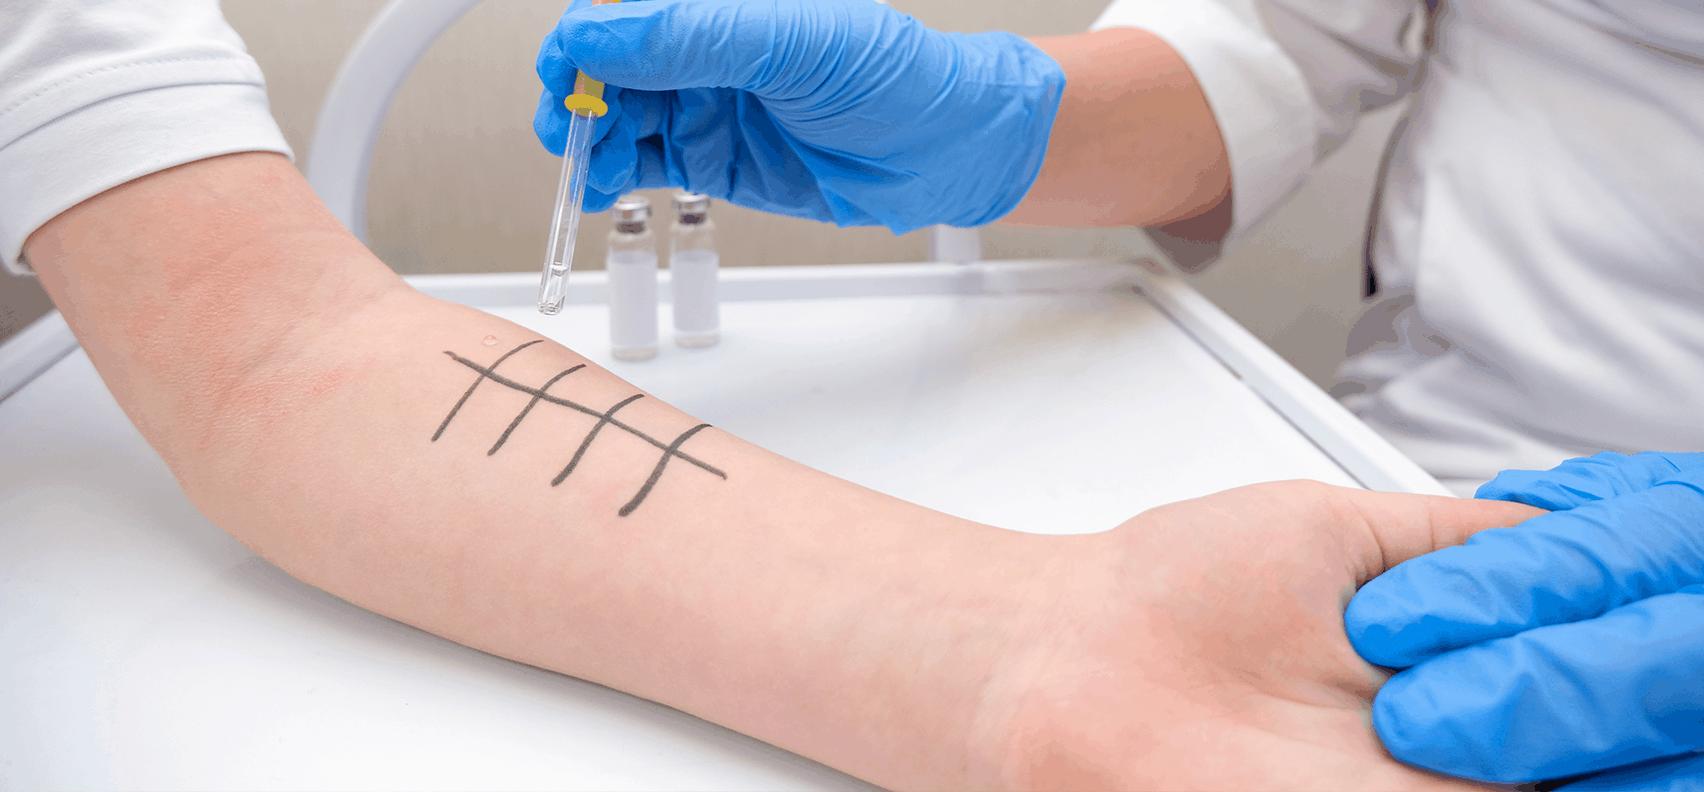 Allergy test to determine allergens causing symptoms